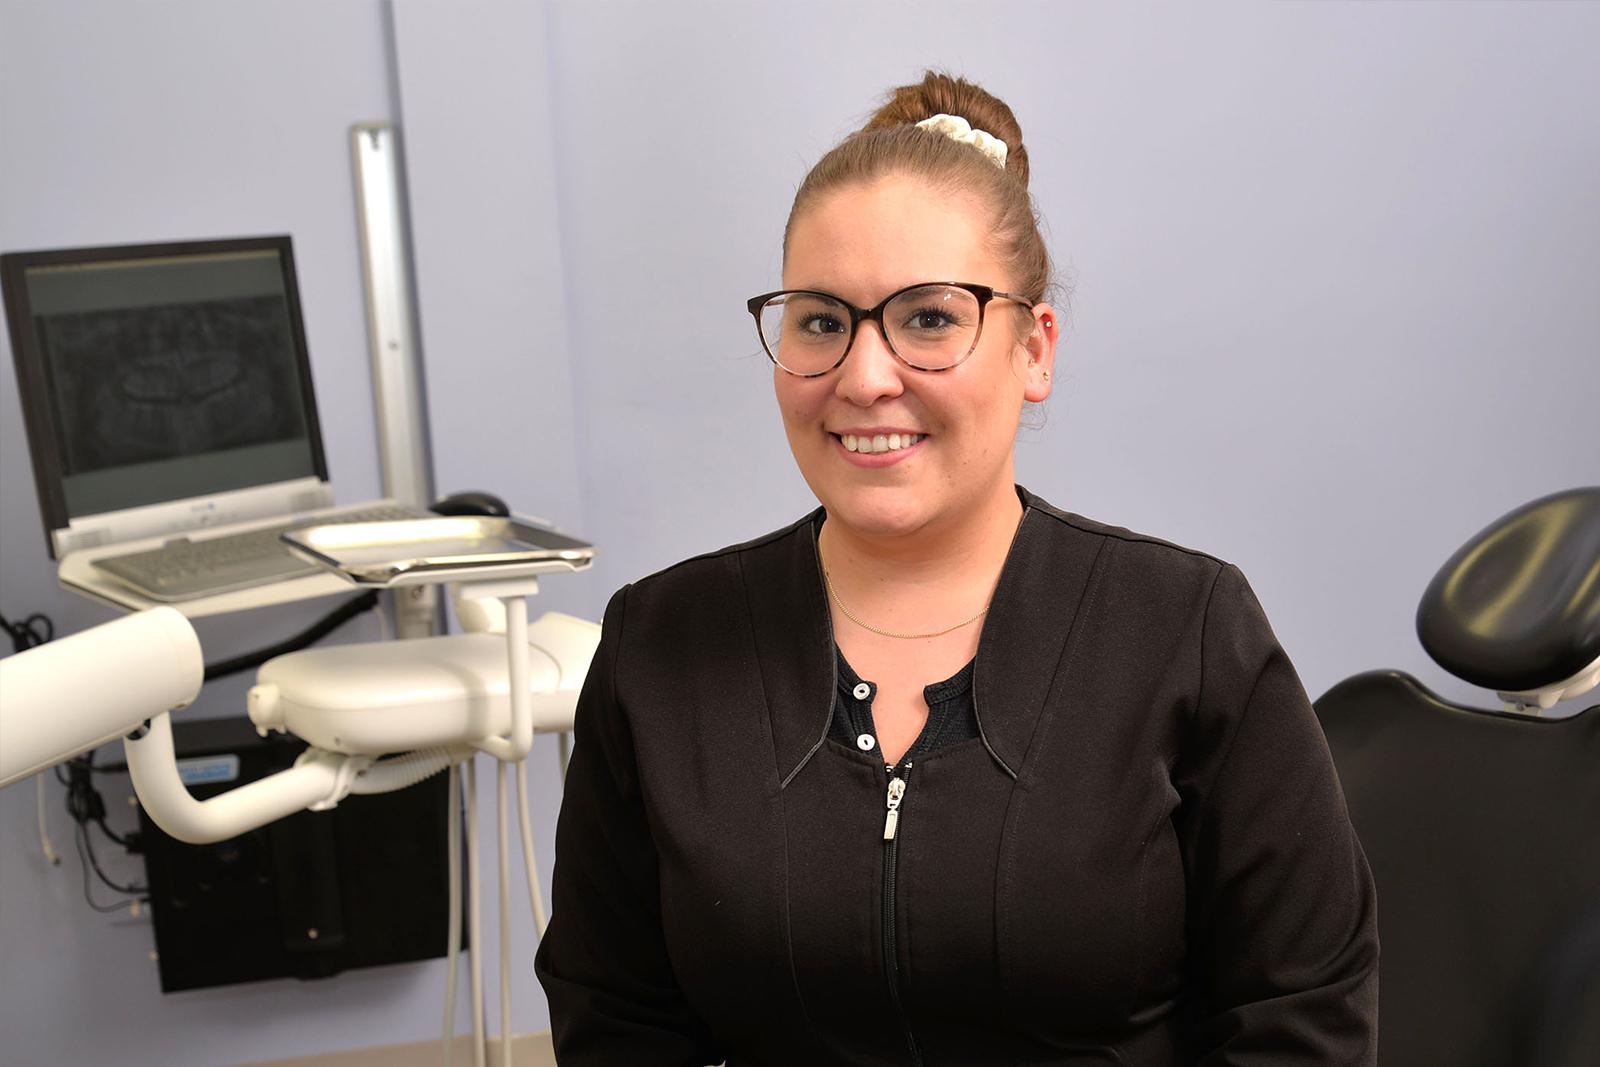 http://www.dentistedrummondville.com/wp-content/uploads/2015/12/Clinique-dentaire-des-promenades-Sarah-eve-assistante-1.jpg